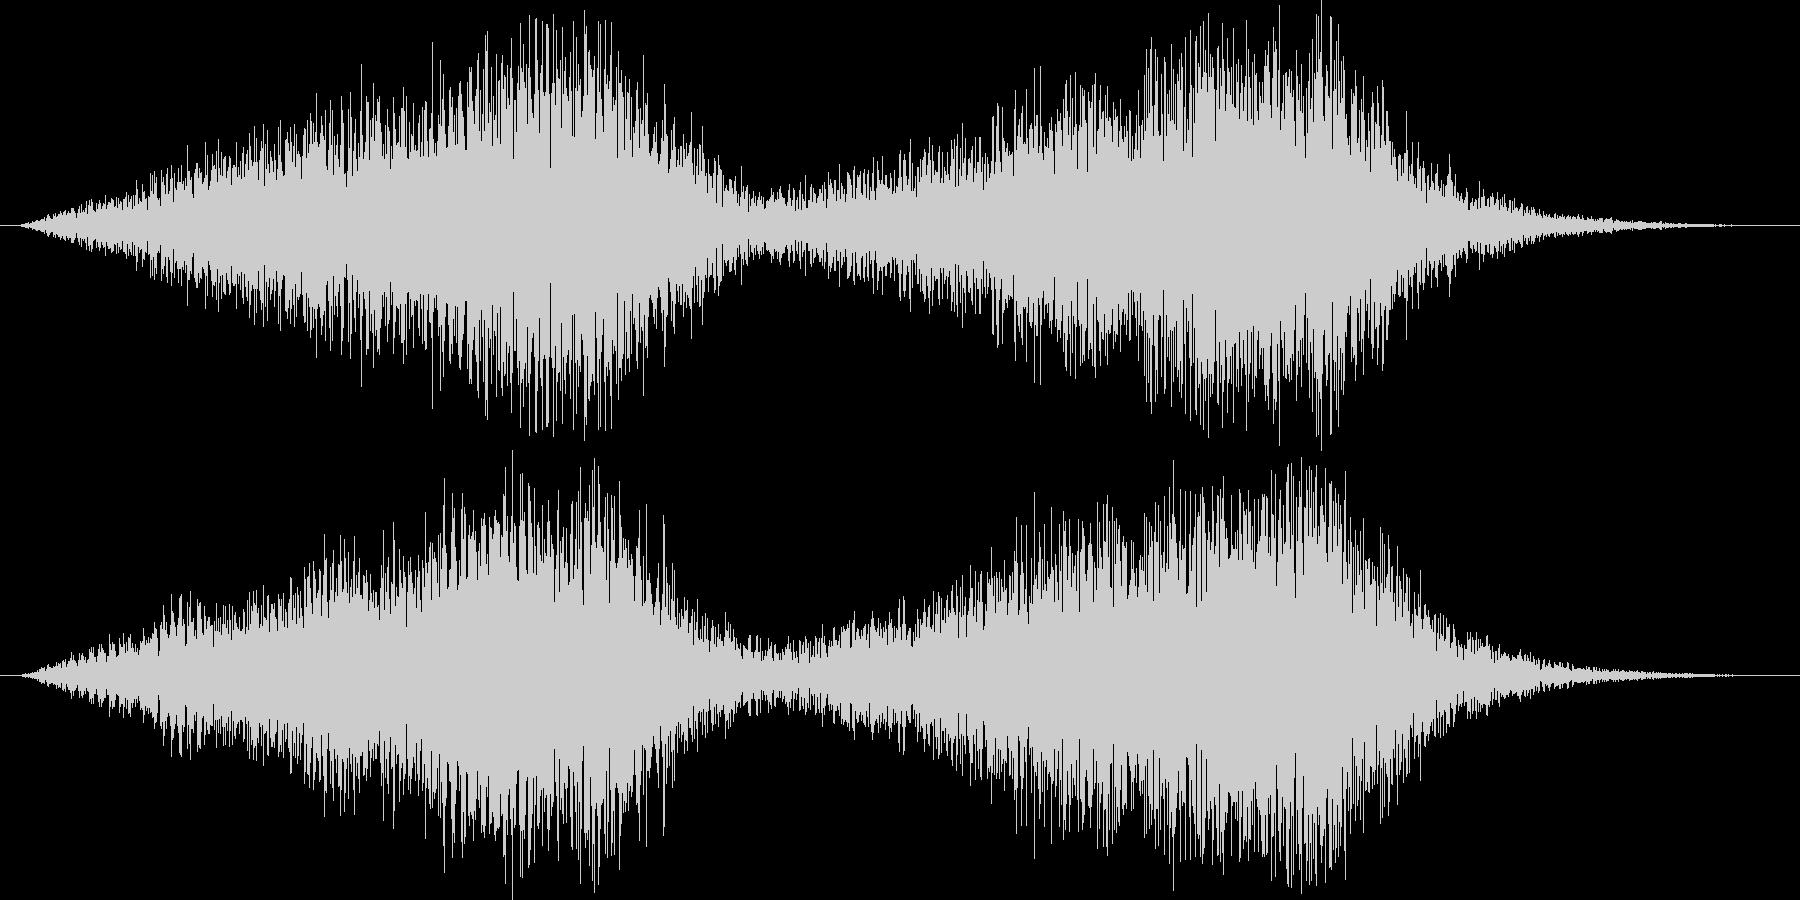 サスペンス的不安感音の未再生の波形